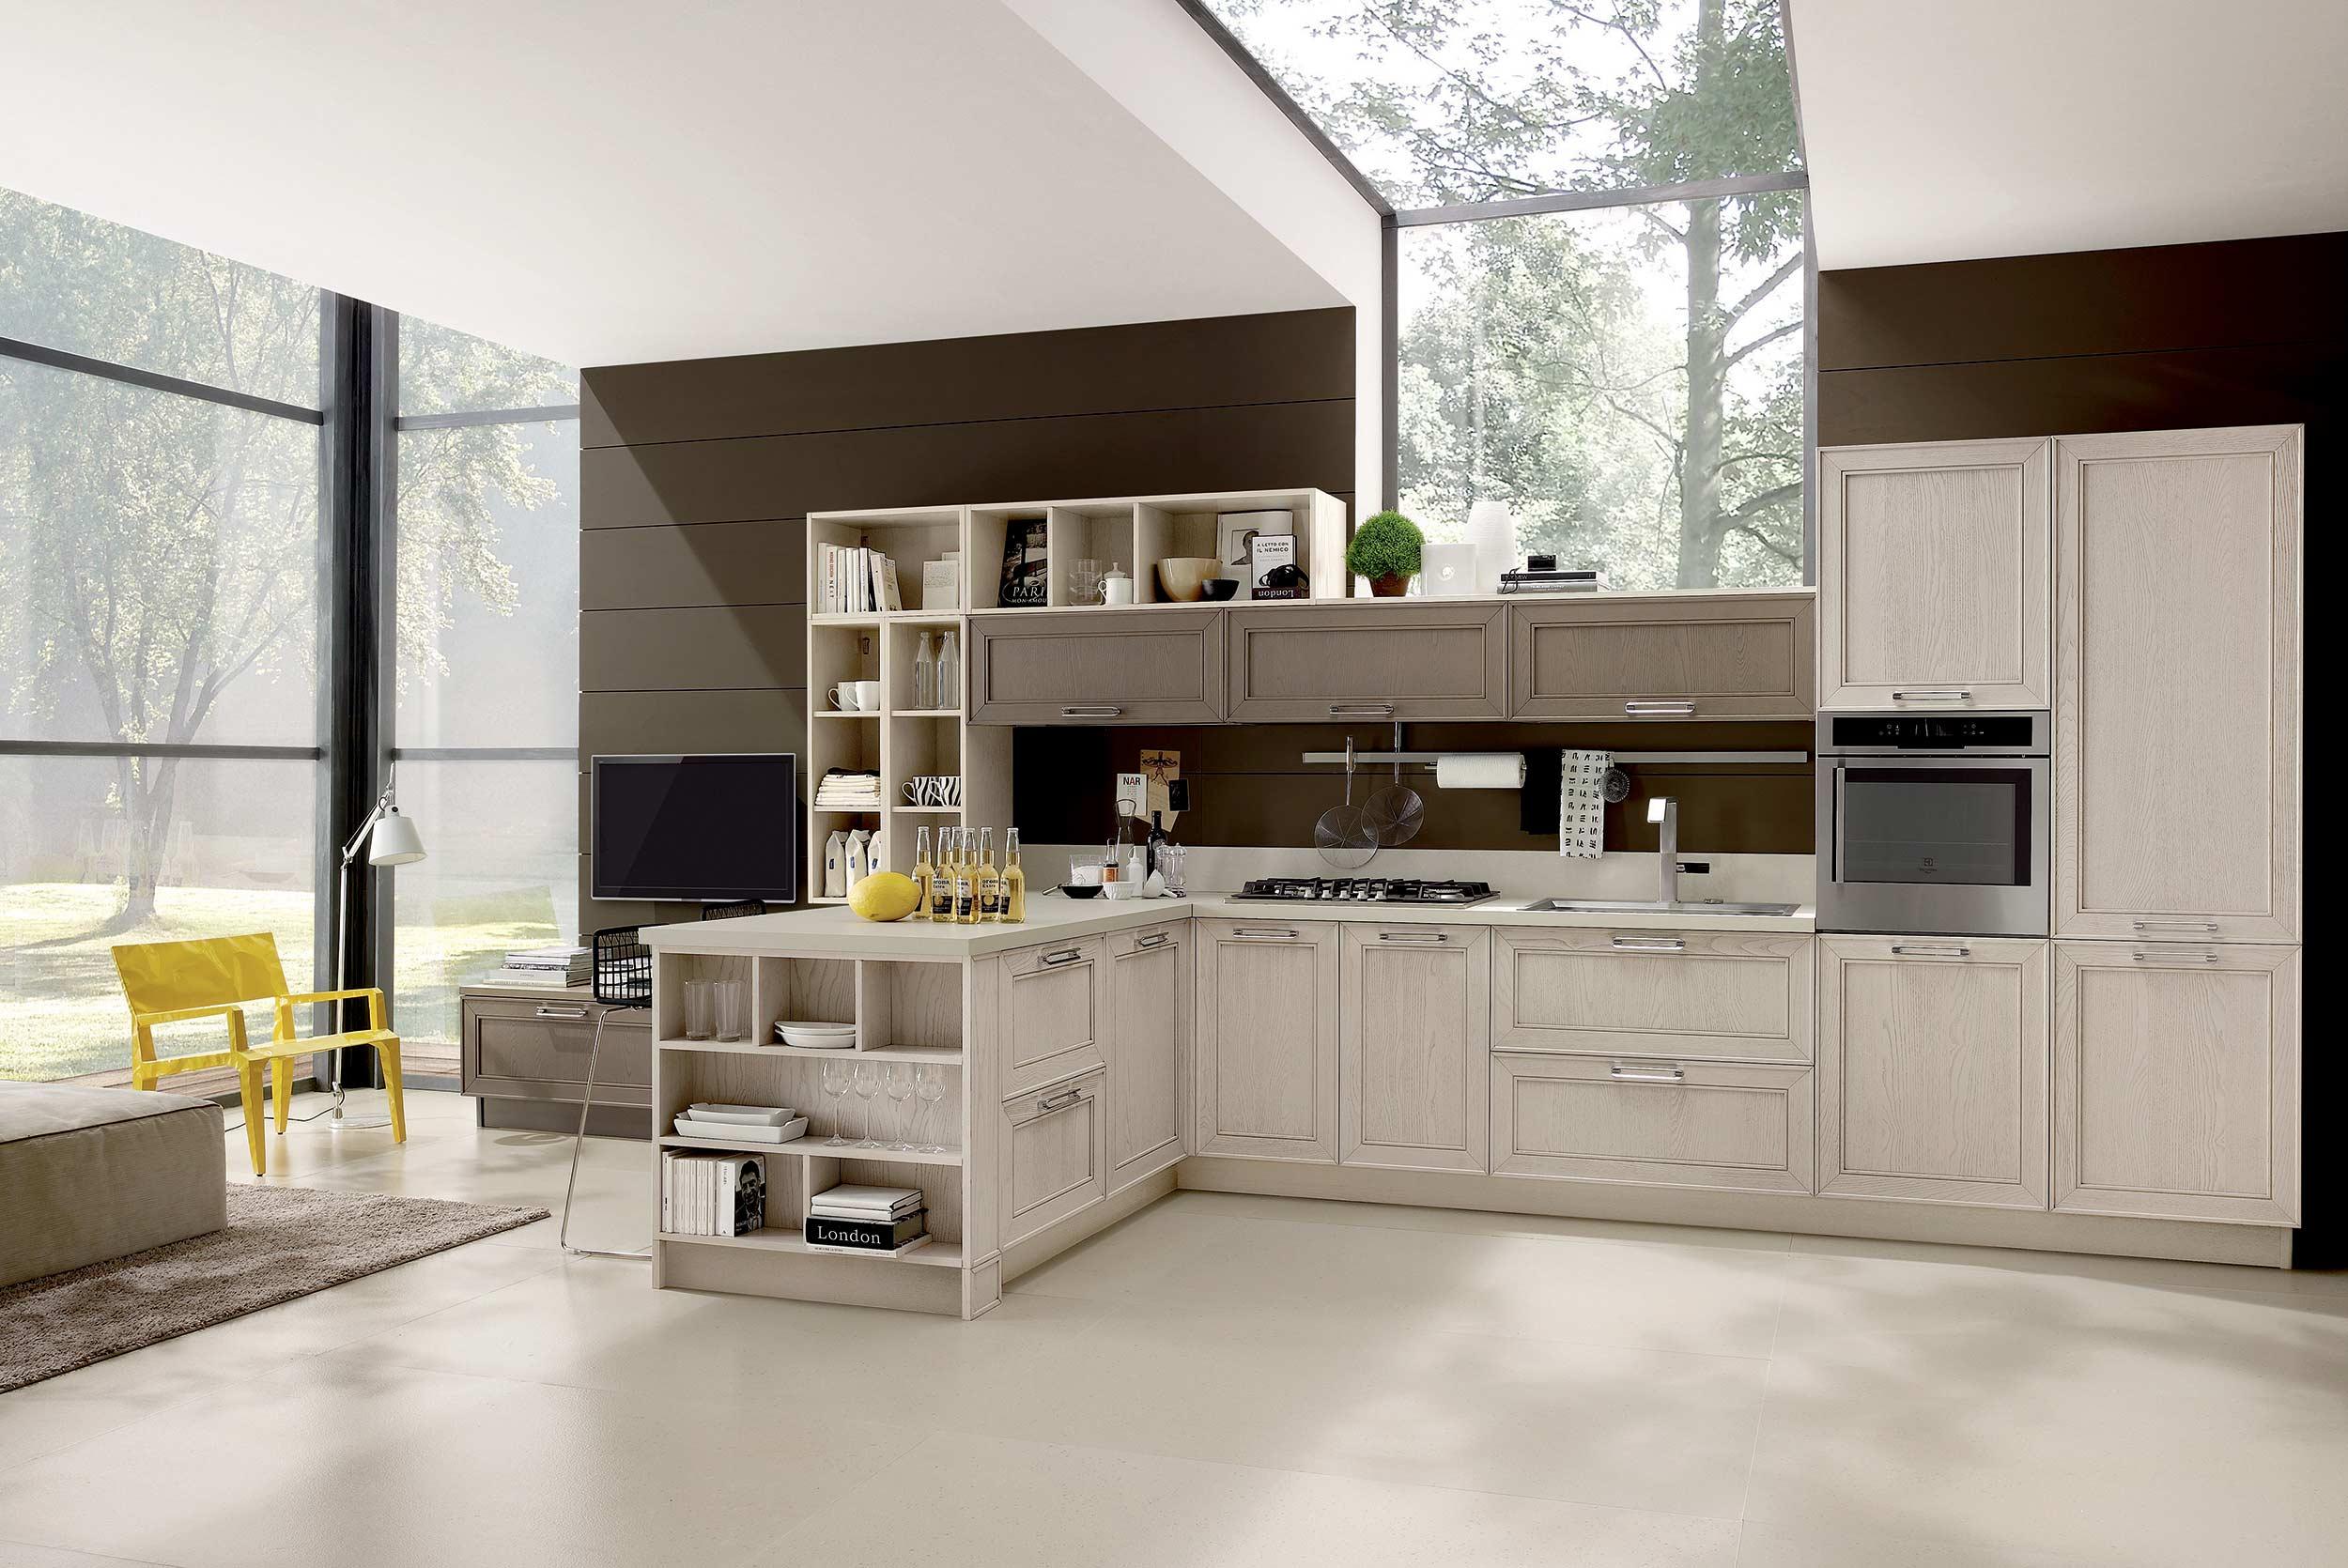 Cucine Componibili Bianche. Cucine Rustiche Bianche With Cucine ...